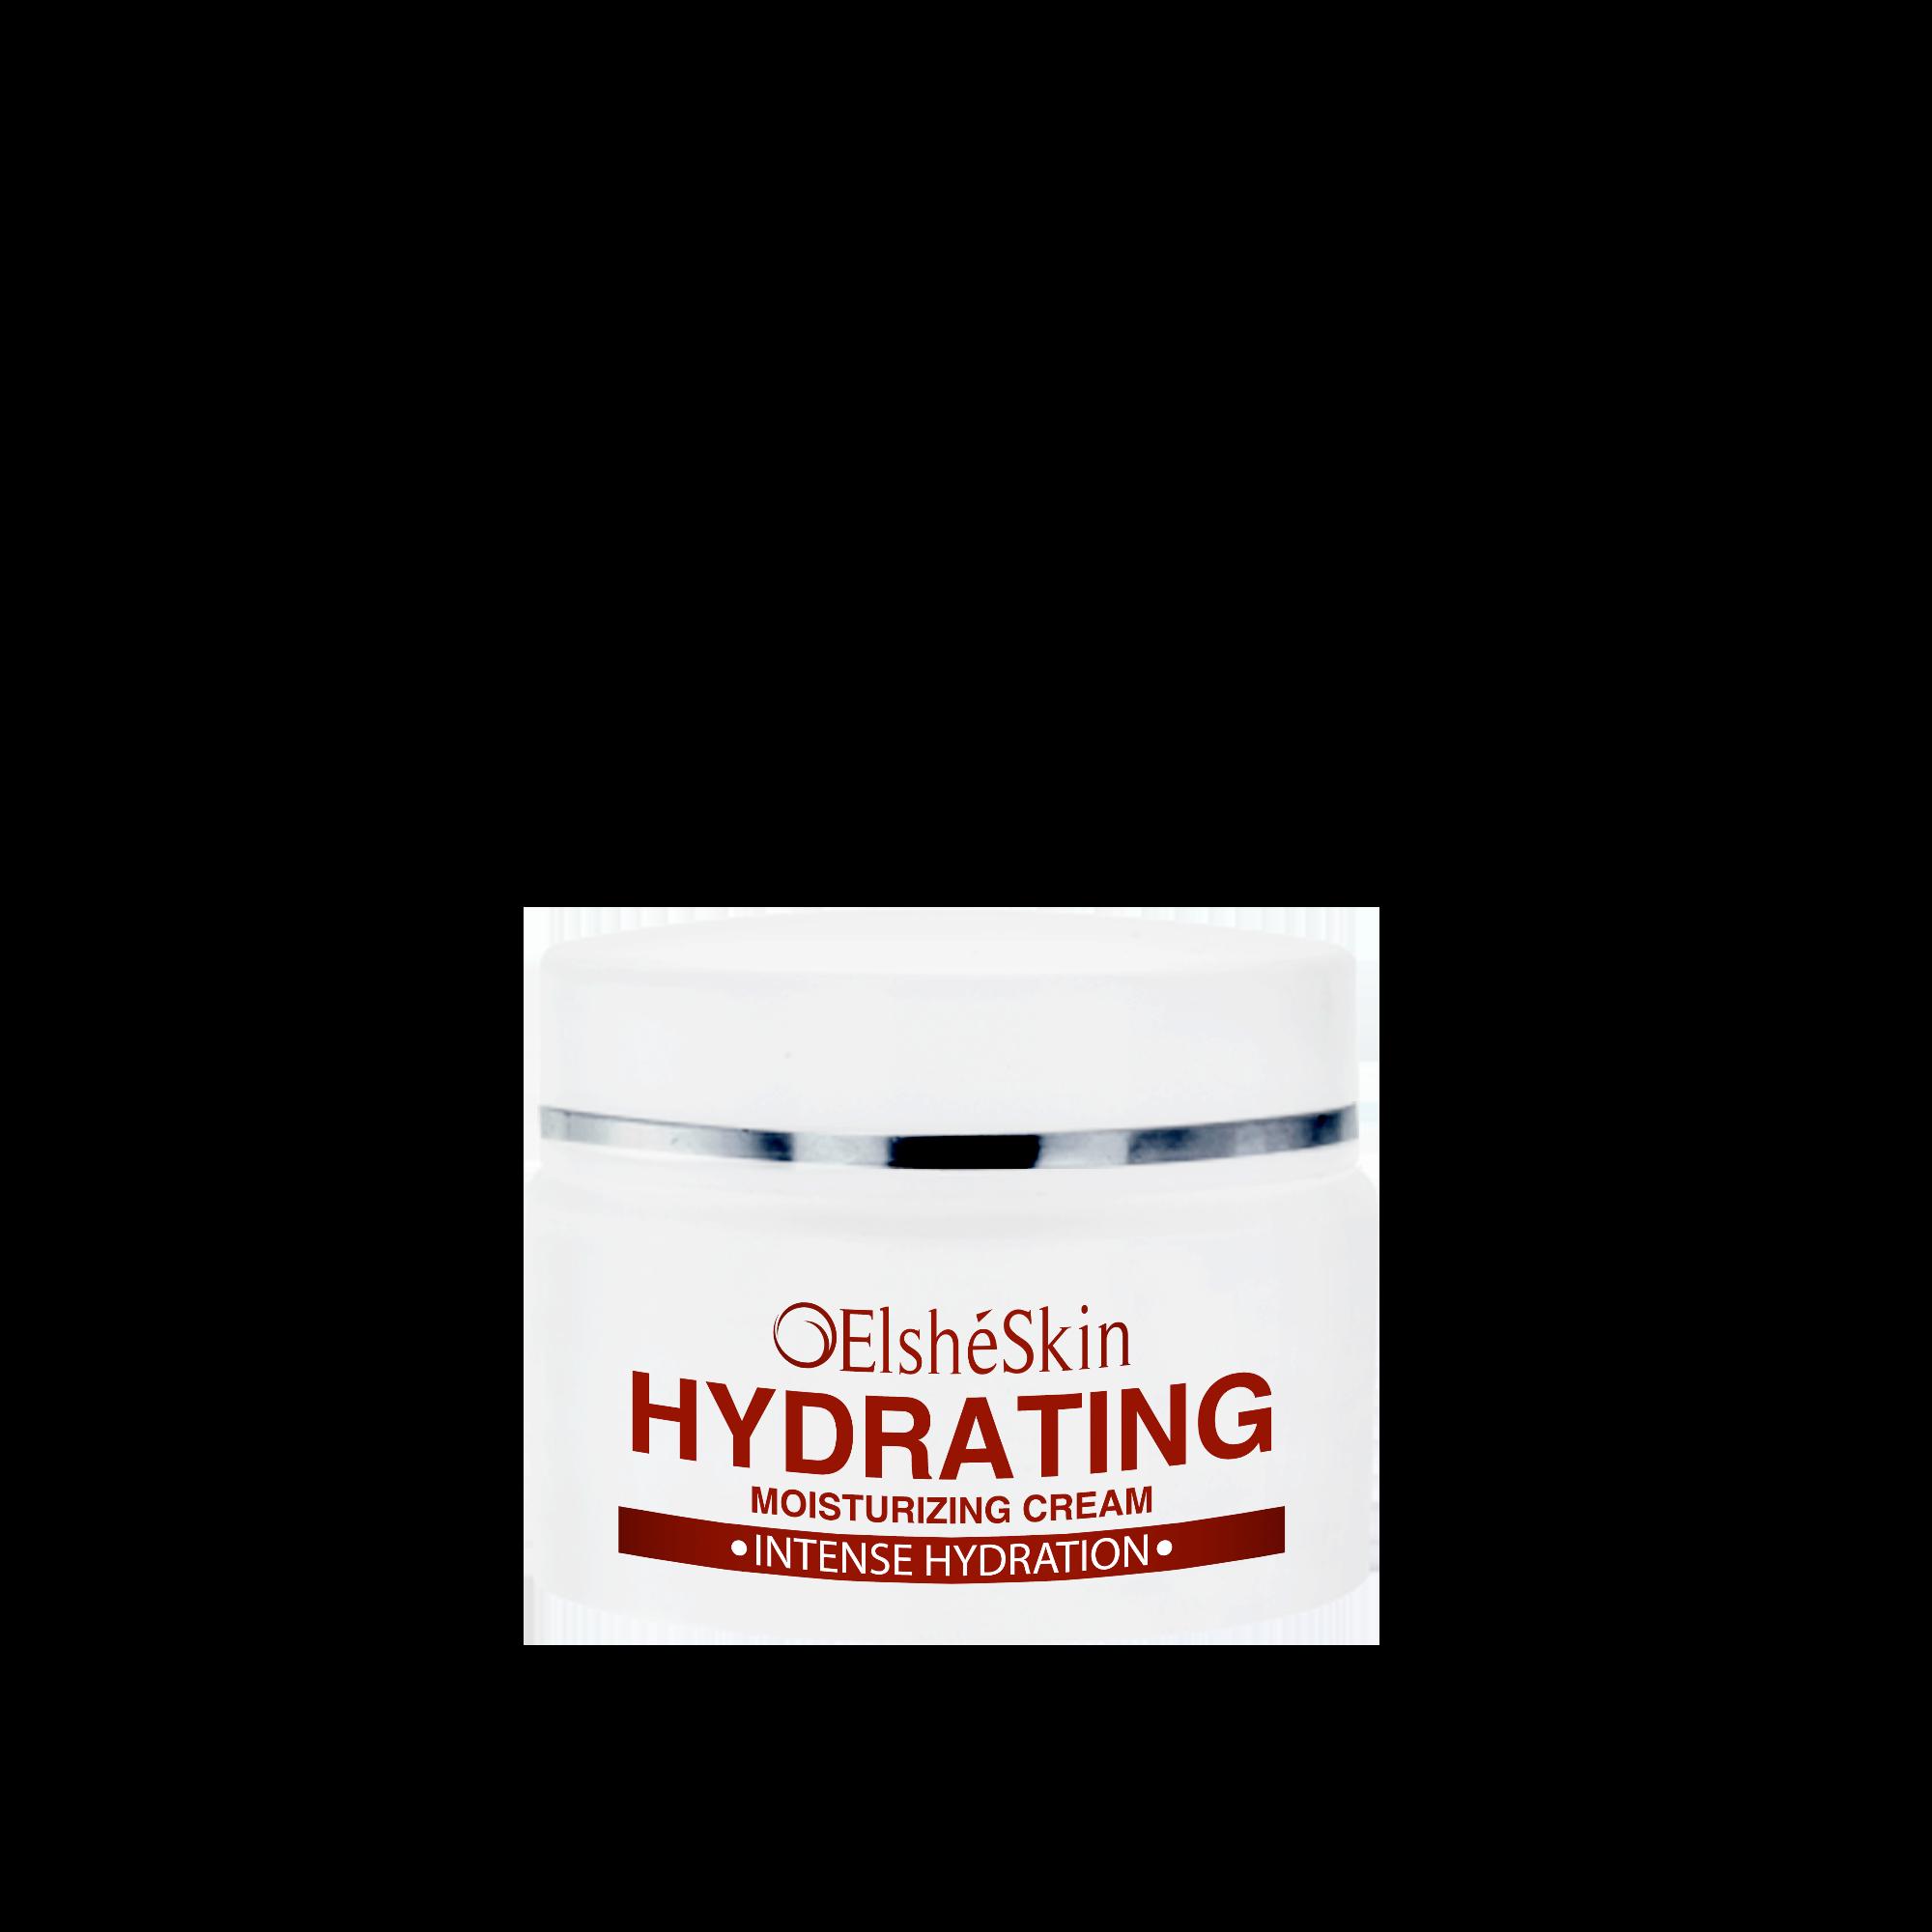 Elshskin Shop Line Elsheskin Rossana Matte Lipstick Hydrating Moisturizer Cream